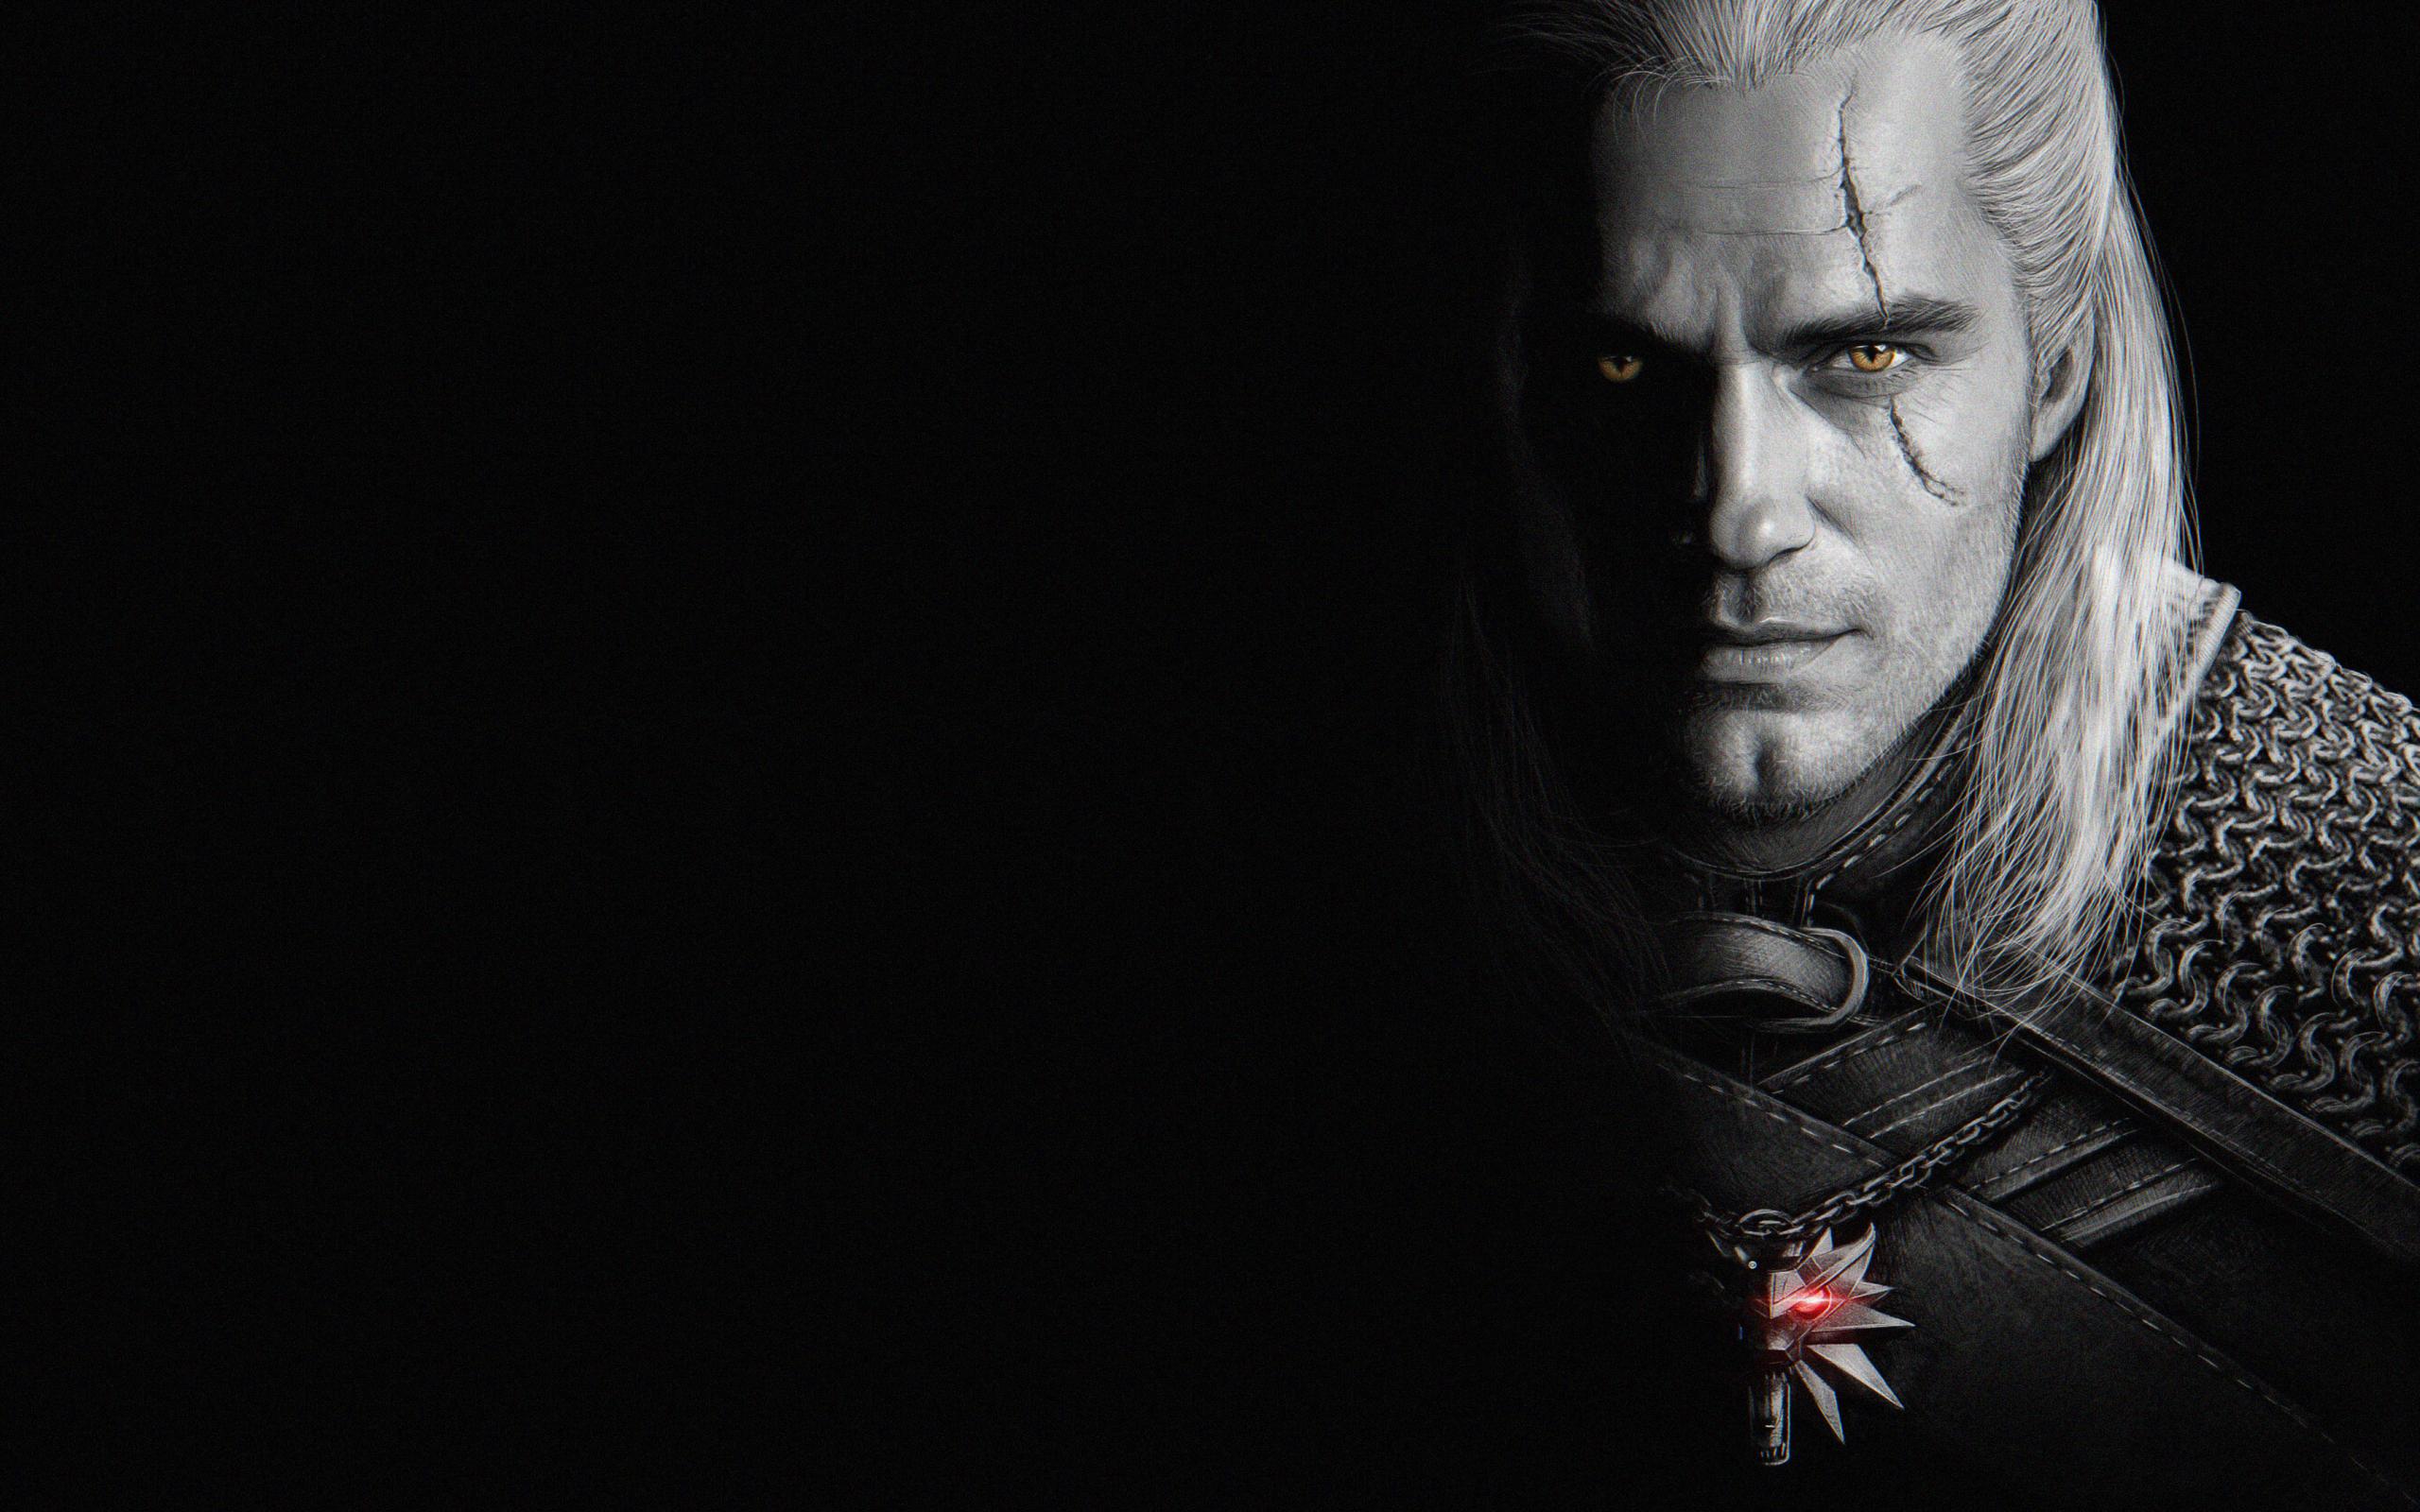 2560x1600 Henry Cavill As Geralt Of Rivia 2560x1600